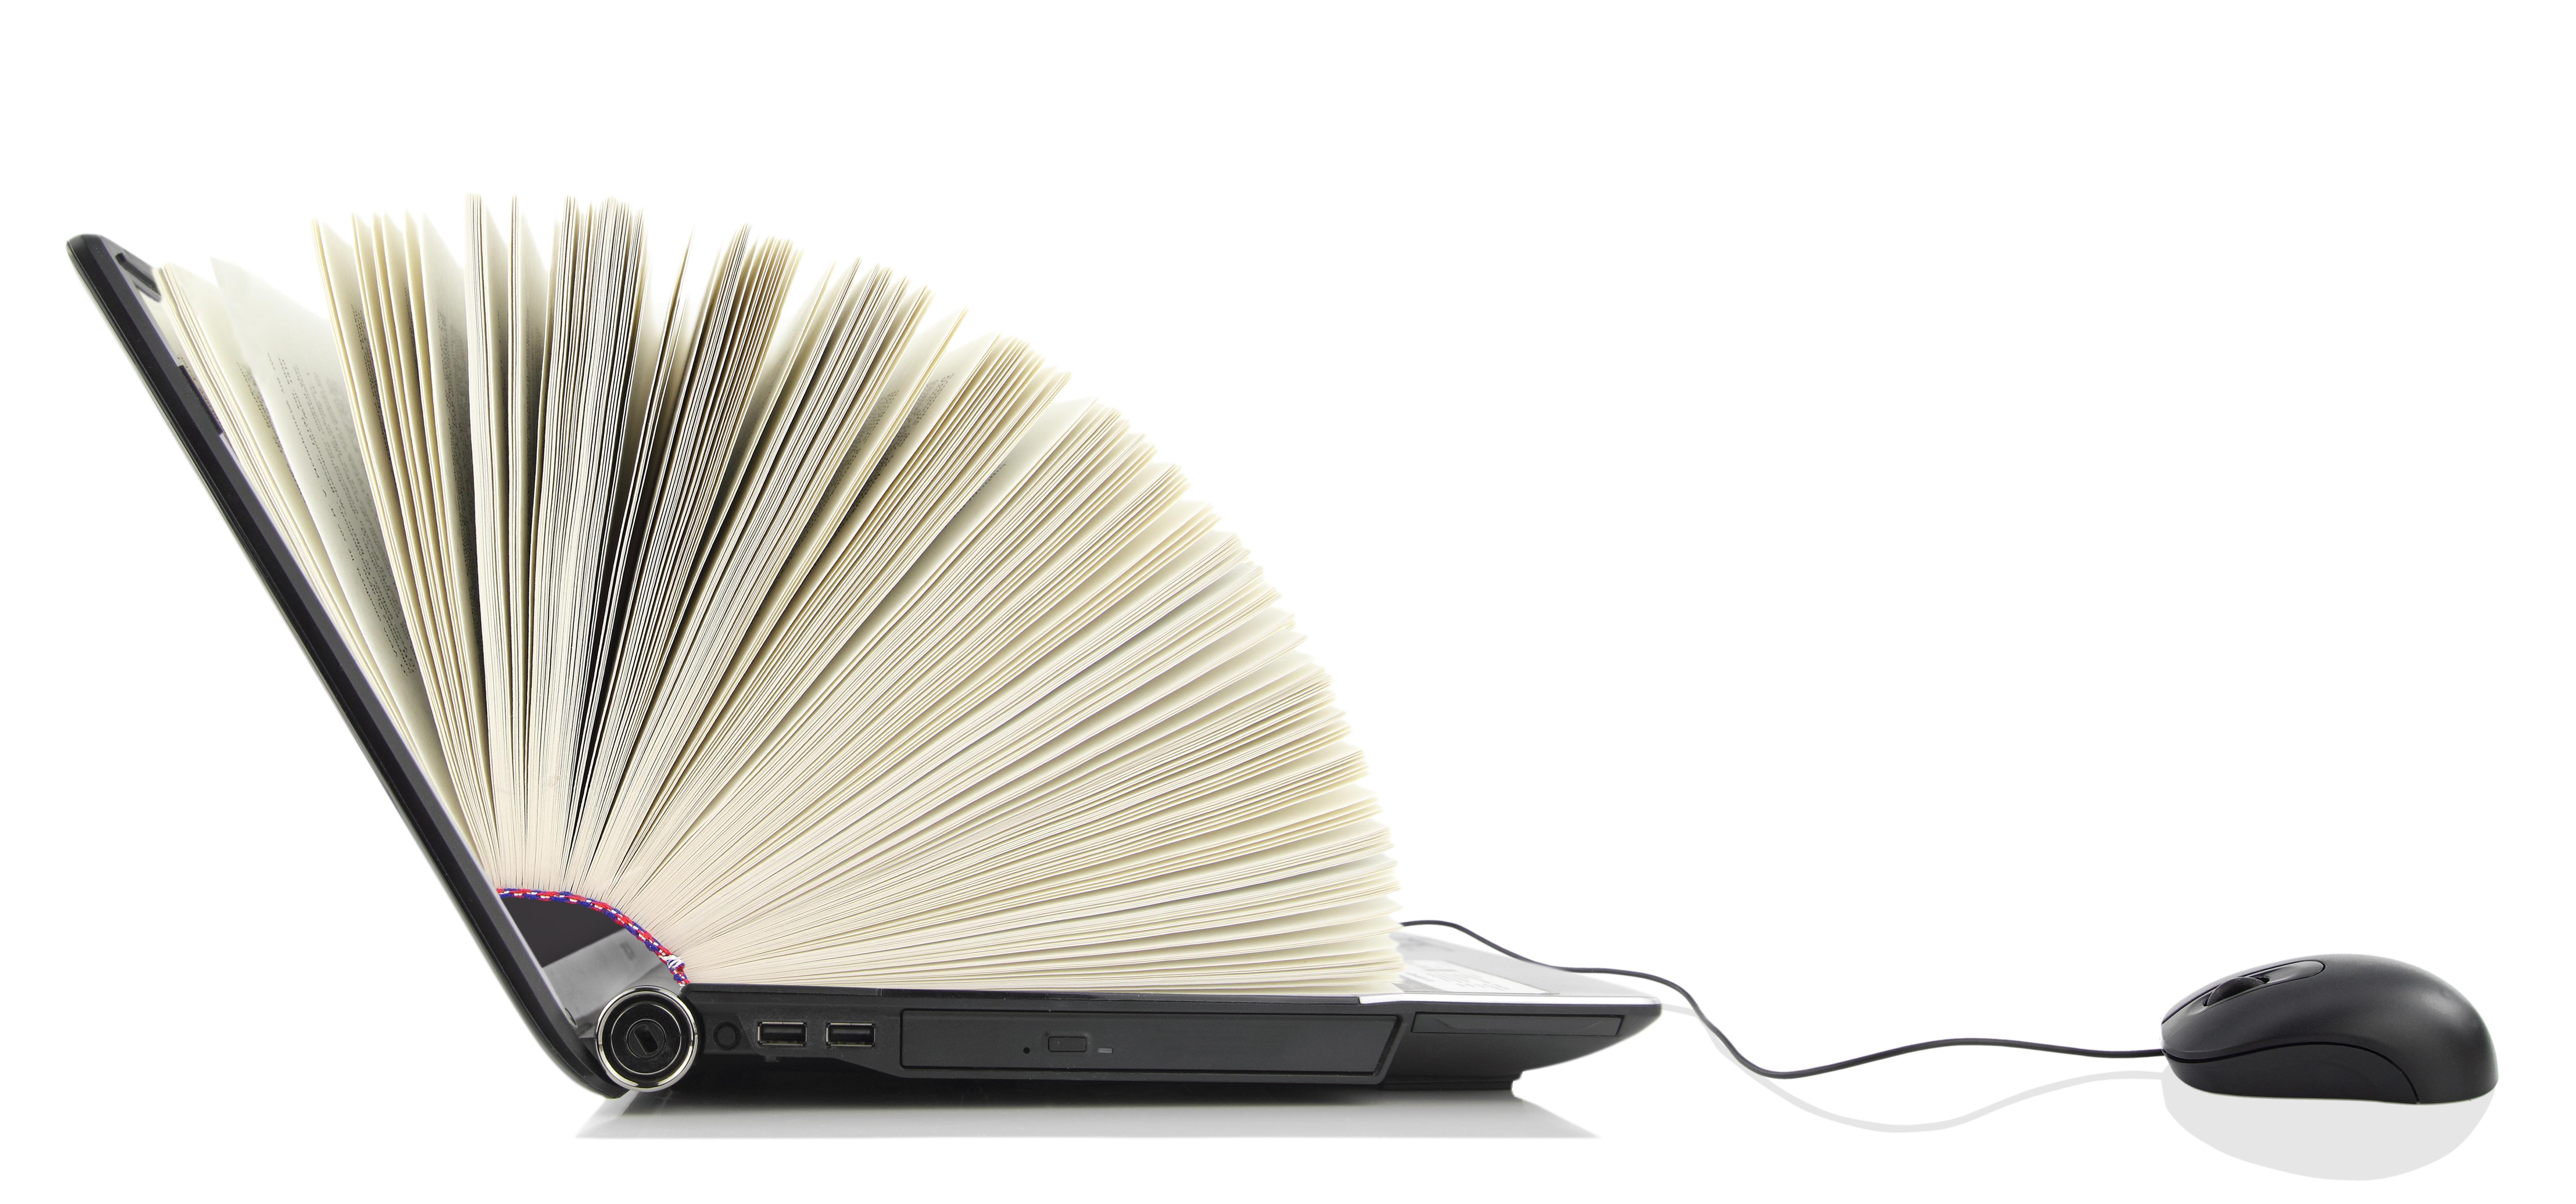 ΠΟΜΙΔΑ για Κτηματολόγιο: Διεύρυνση ηλεκτρονικών υπηρεσιών και εξ αποστάσεως έλεγχος εγγραφών!